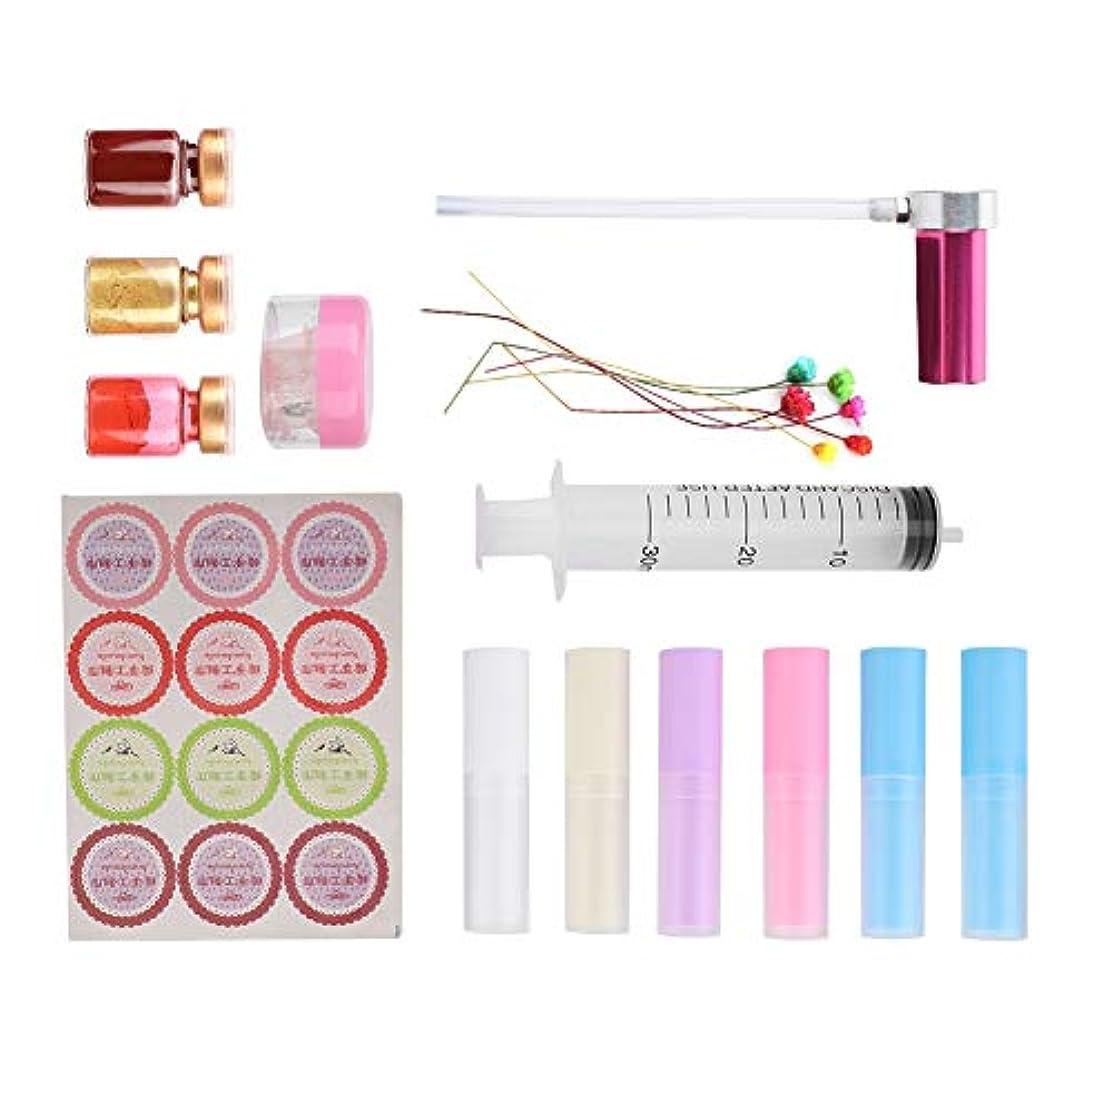 Diyリップクリームクラフトキット、プロの口紅金型自家製リップクリーム工芸ツールで透明ゼリーワックス口紅容器